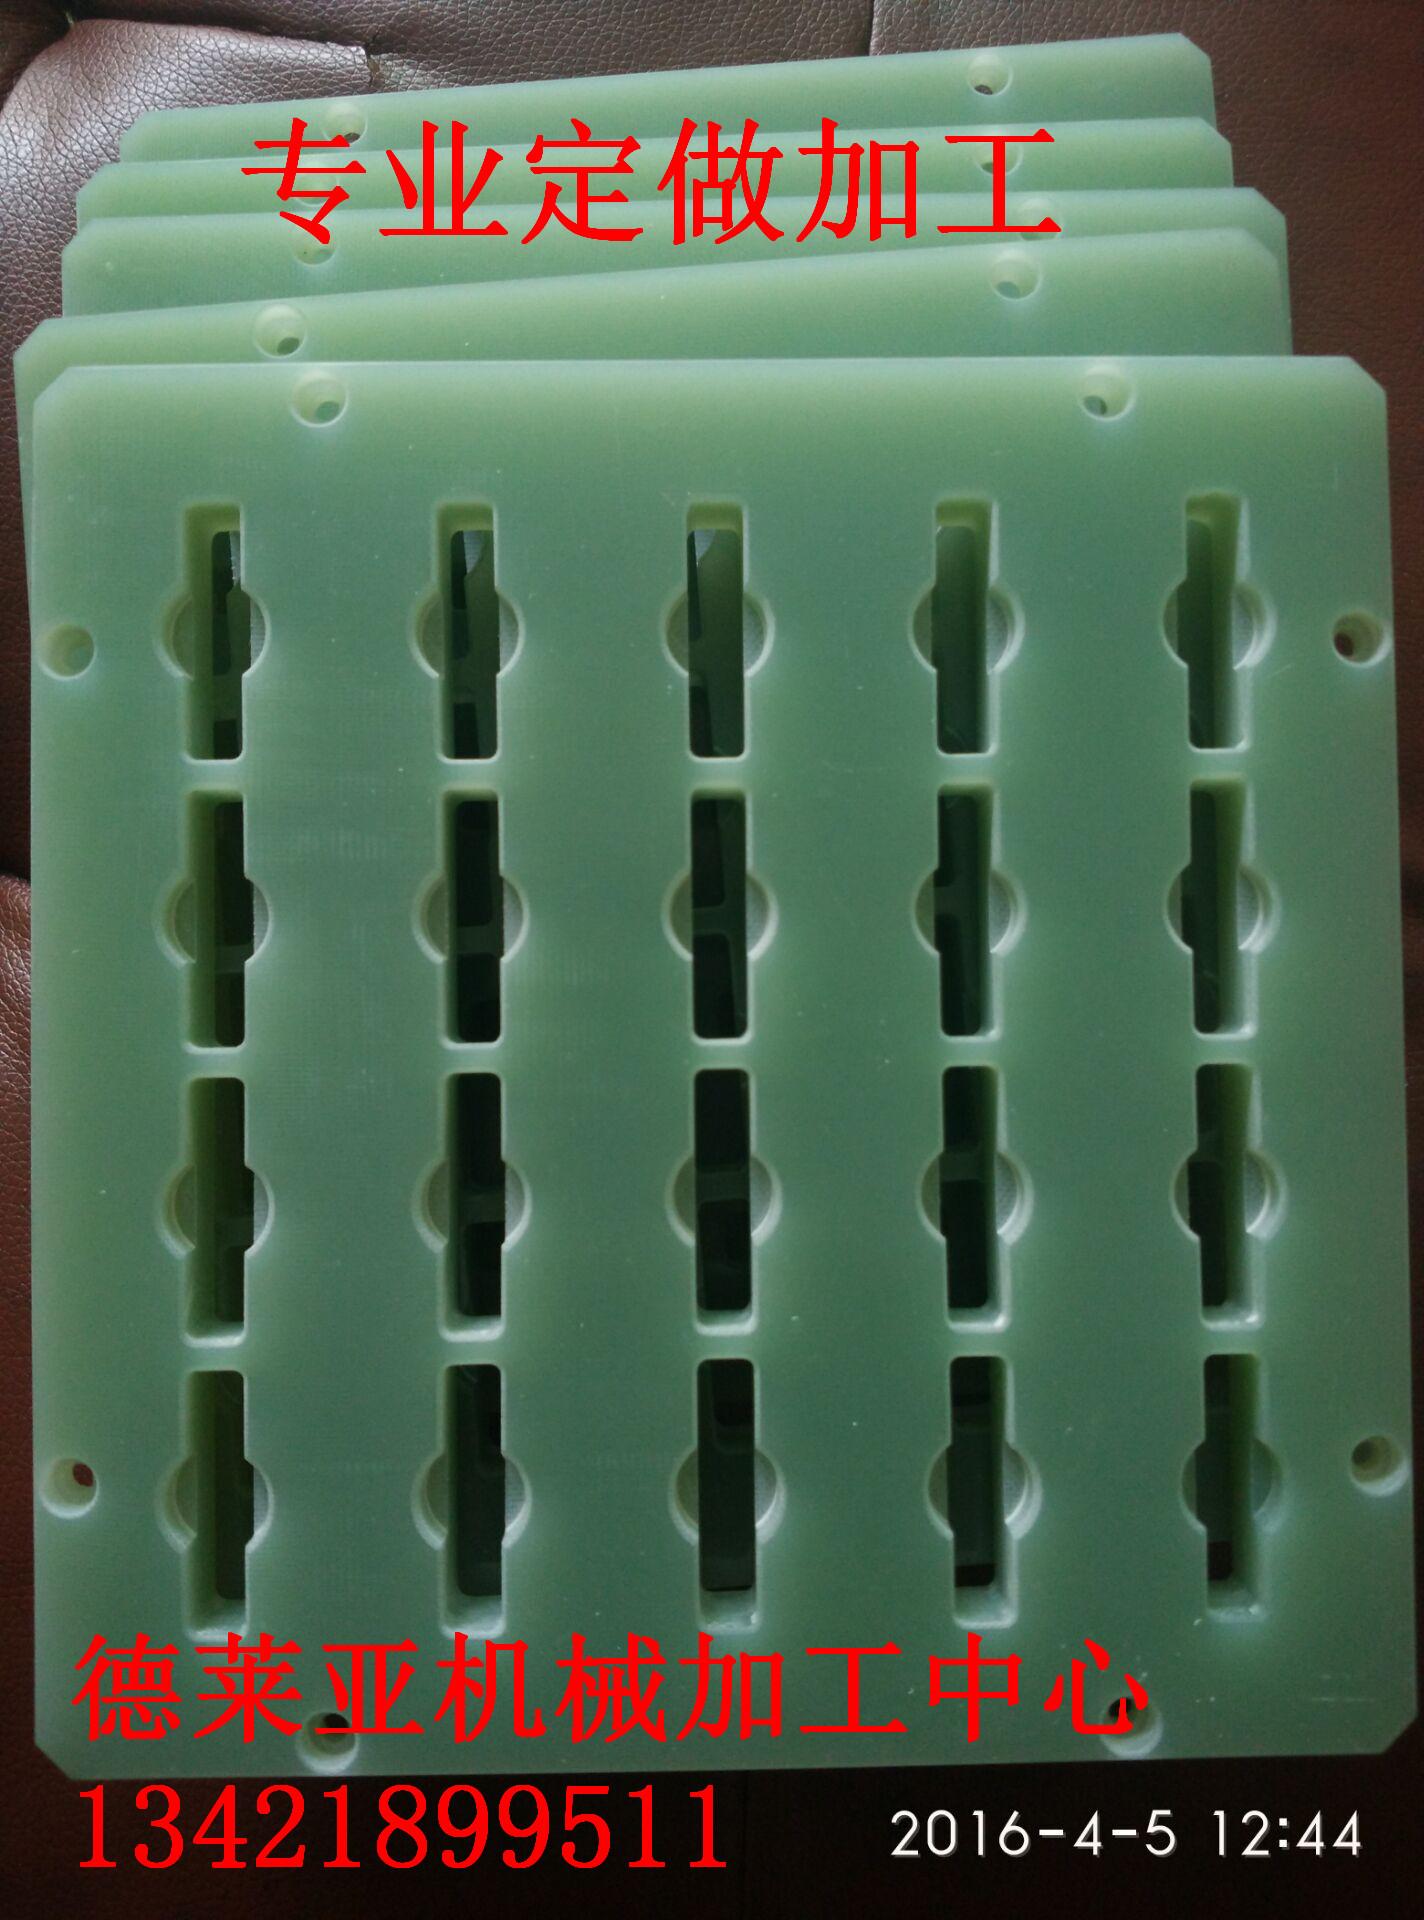 Epóxi FR4 Placa de fixação do molde personalizado de processamento de Placa de fibra de vidro importado Folha de isolamento térmico, resistência à Baixa temperatura, parafusos